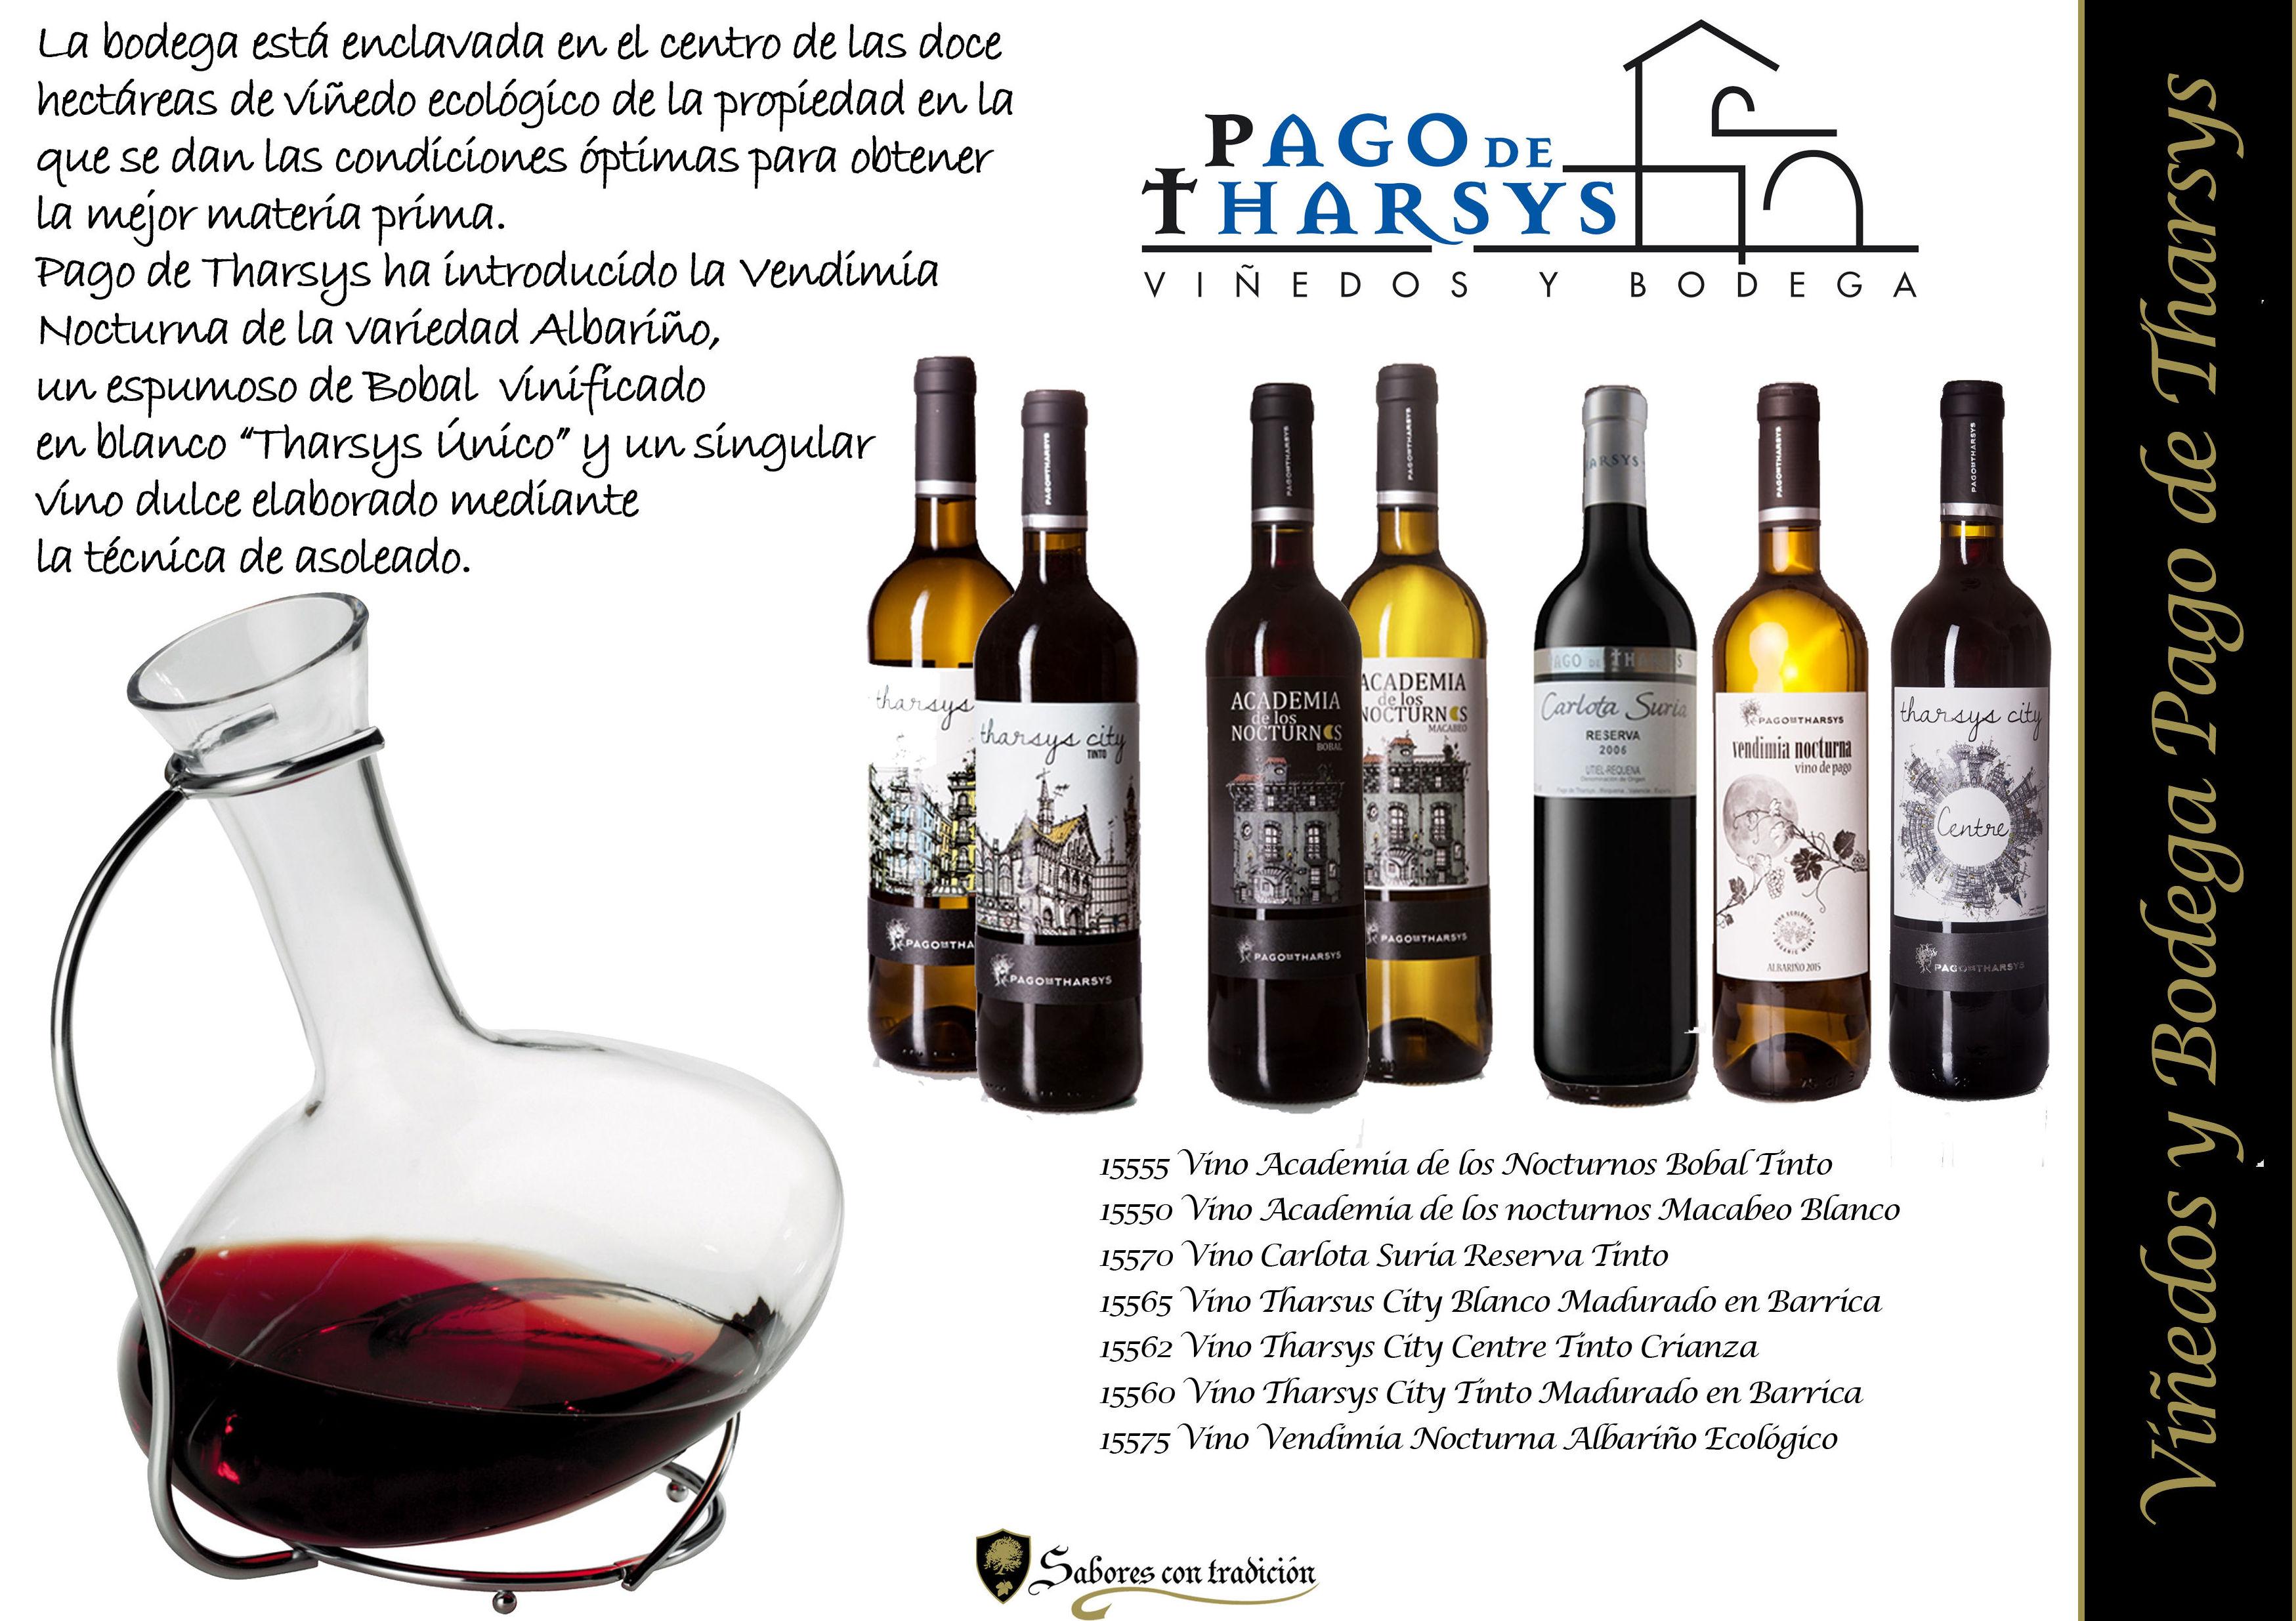 """Vinos """" Viñedos y Bodega Pago de Tharsys """": Productos de Sabores con tradición"""